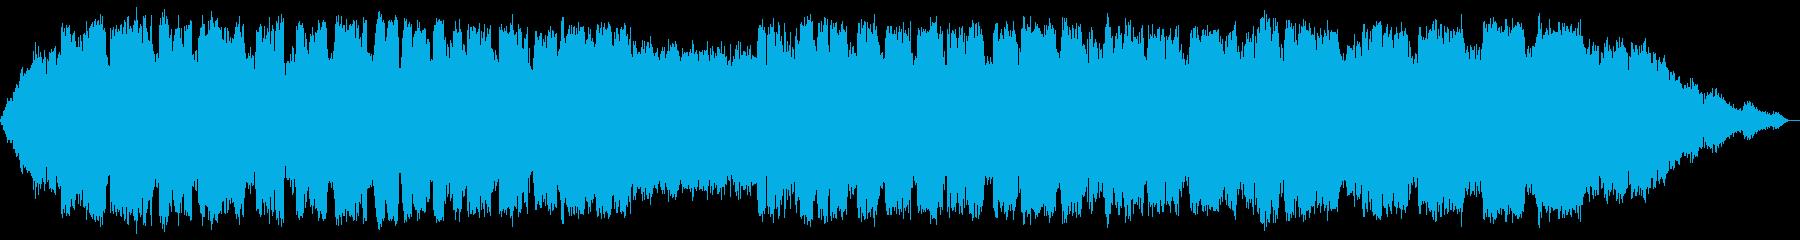 瞑想の時間 静かな竹笛のヒーリング音楽の再生済みの波形